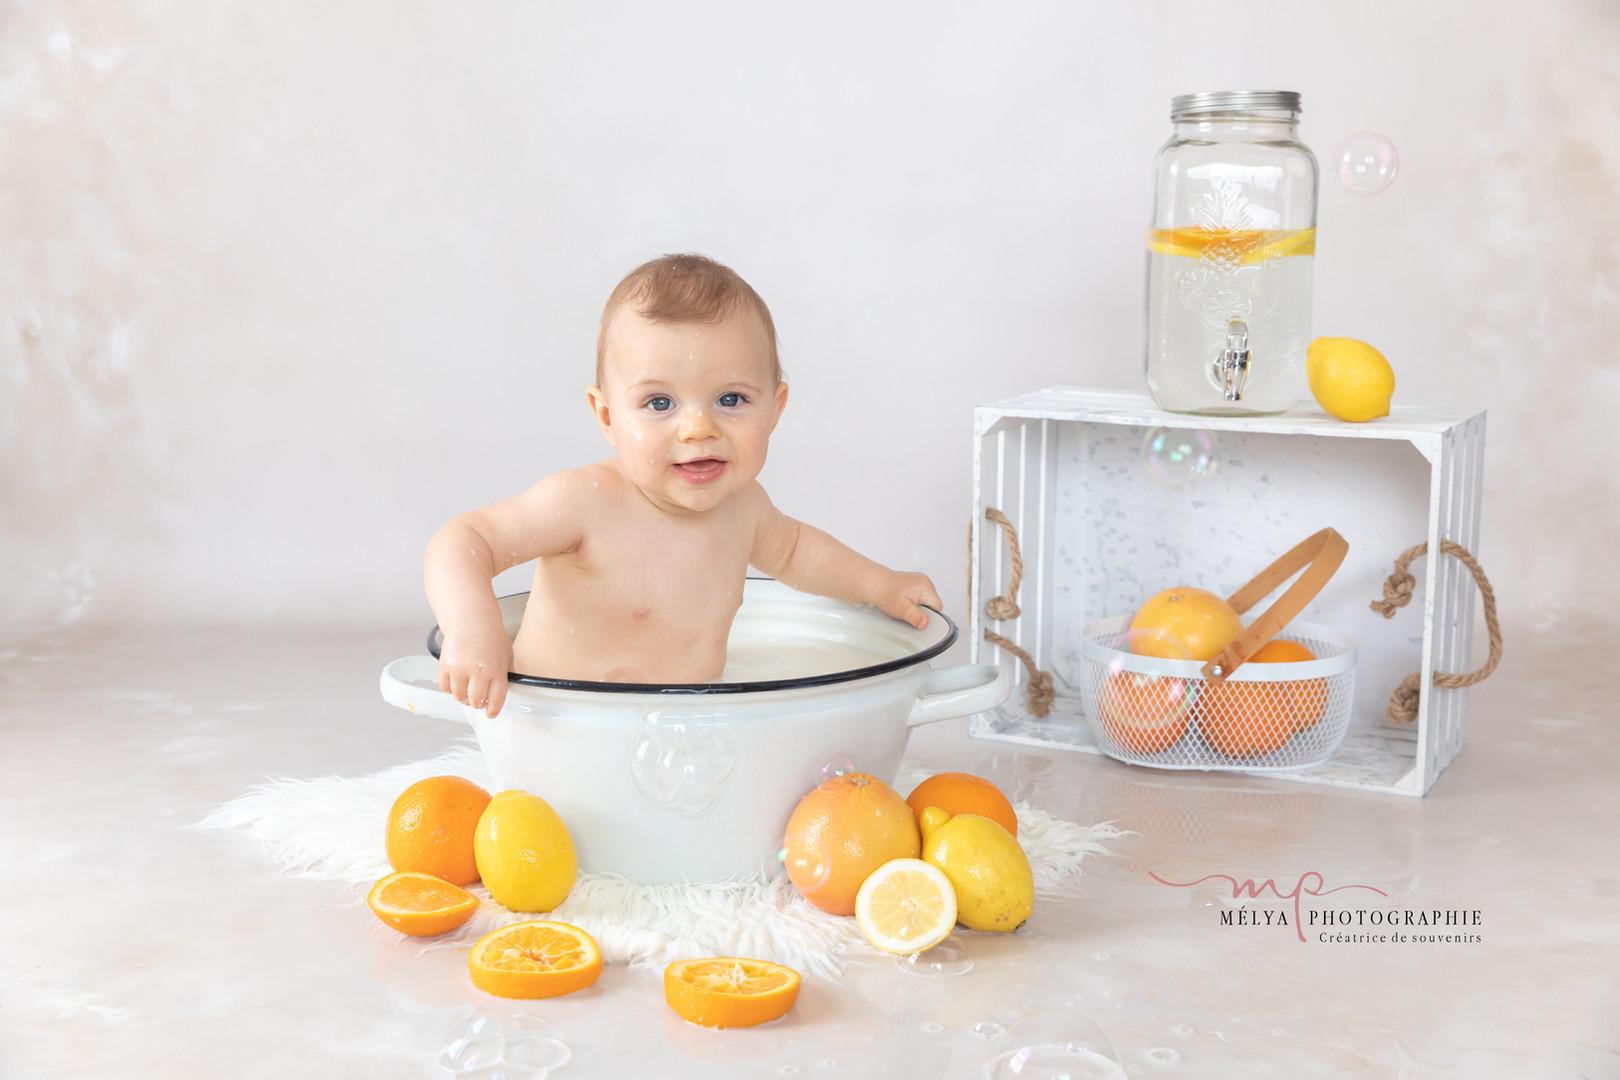 séance photo bébé bain de lait